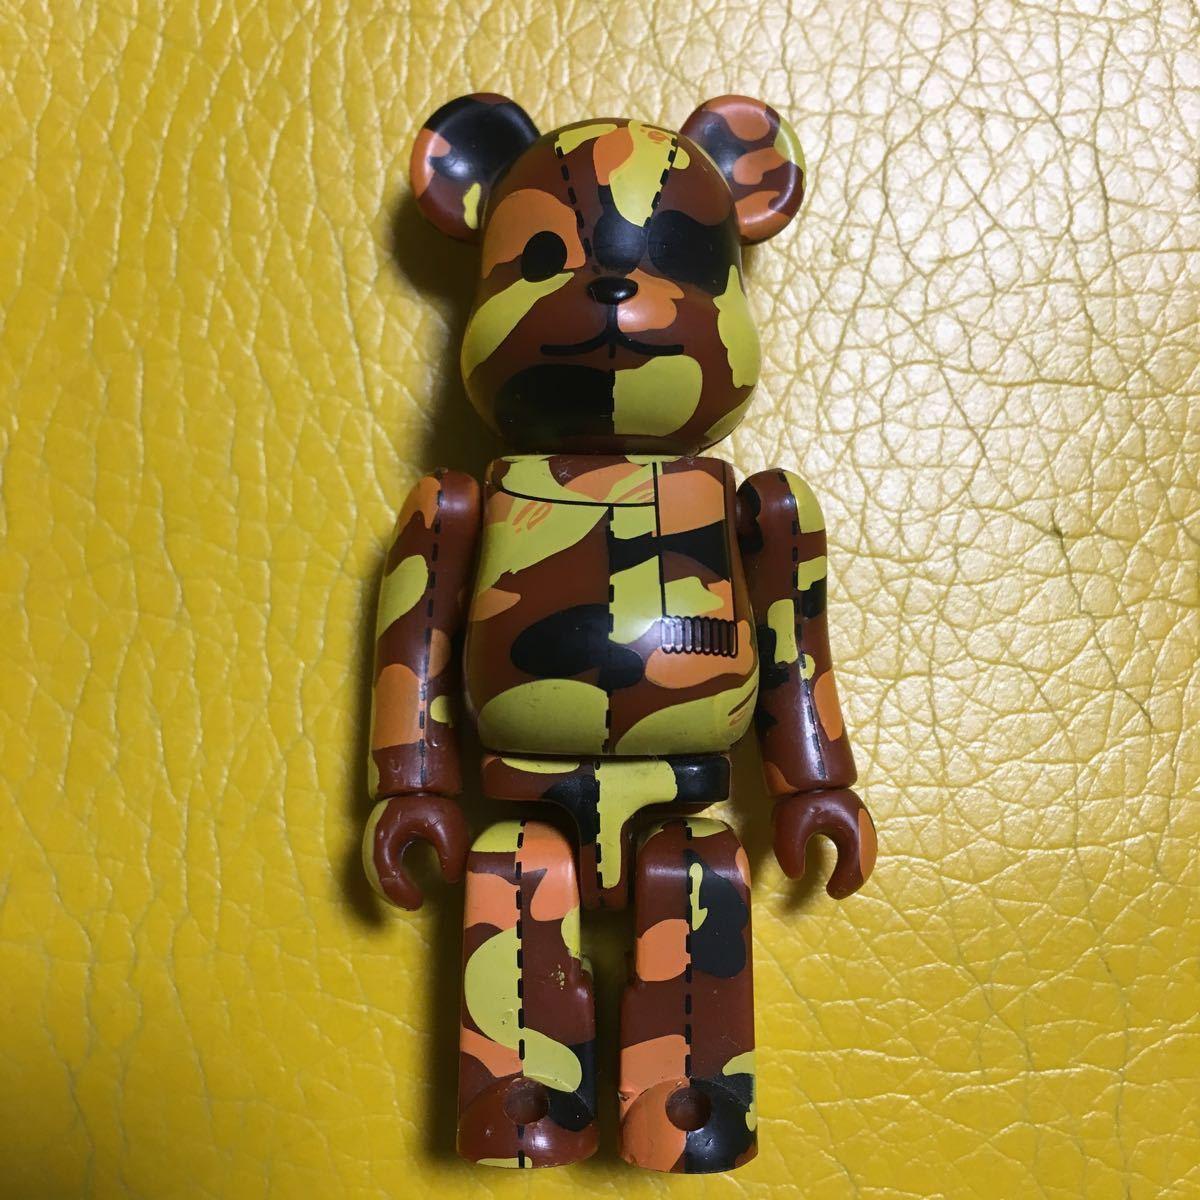 【送料無料】ベアブリック/エイプシリーズ2/茶×黄×橙×黒.シークレットbearbrick.100%.Ape希少レア.難あり